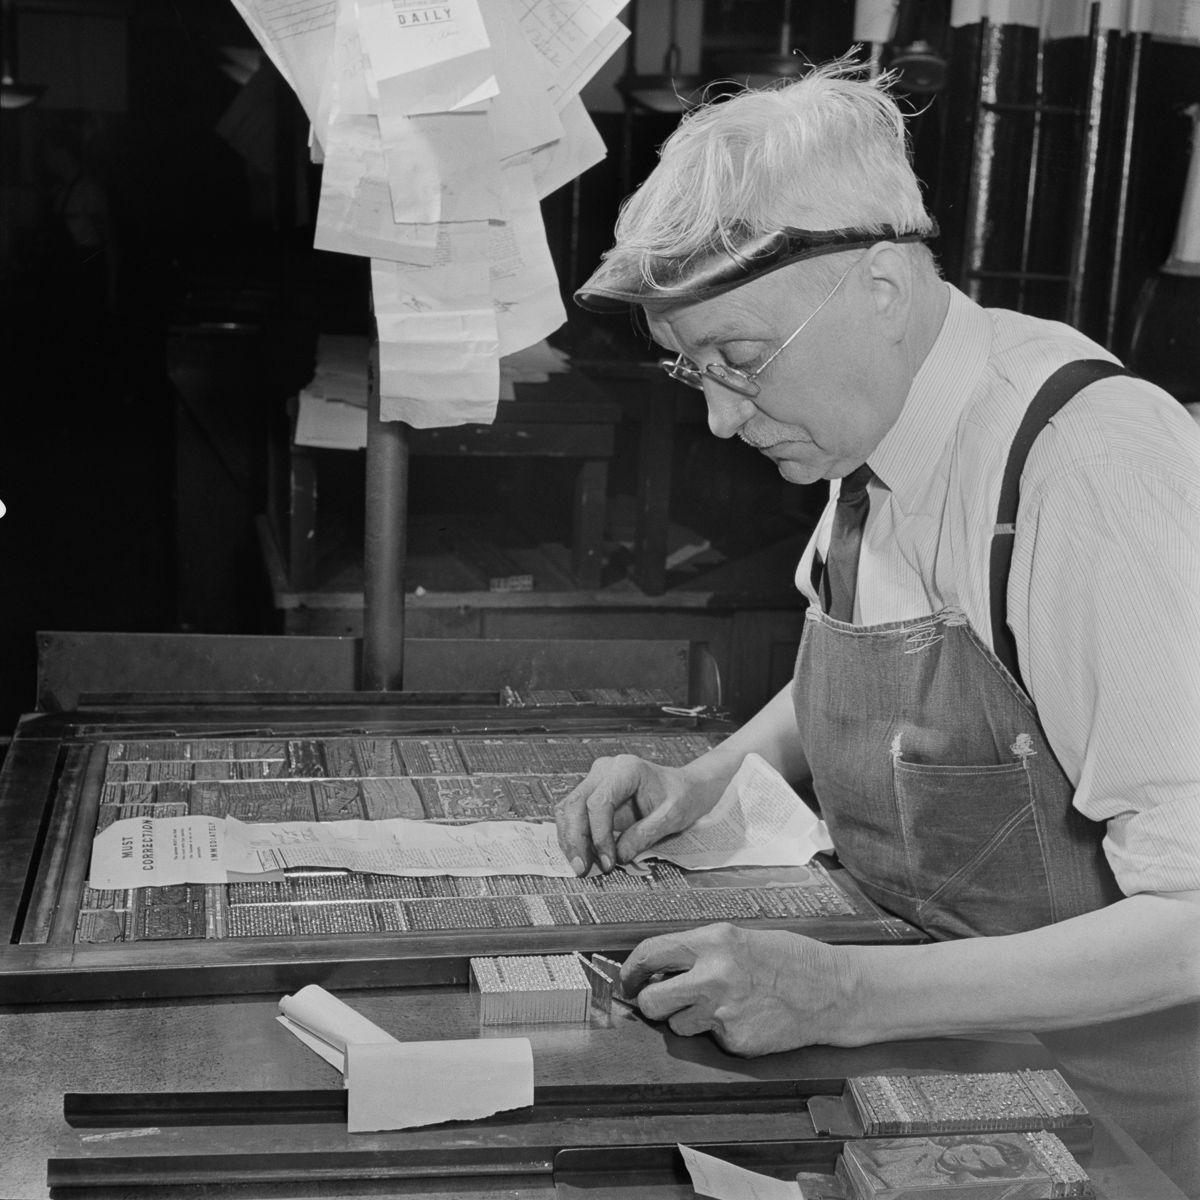 Cận cảnh quá trình xuất bản báo in thủ công vào thời điểm hoàng kim